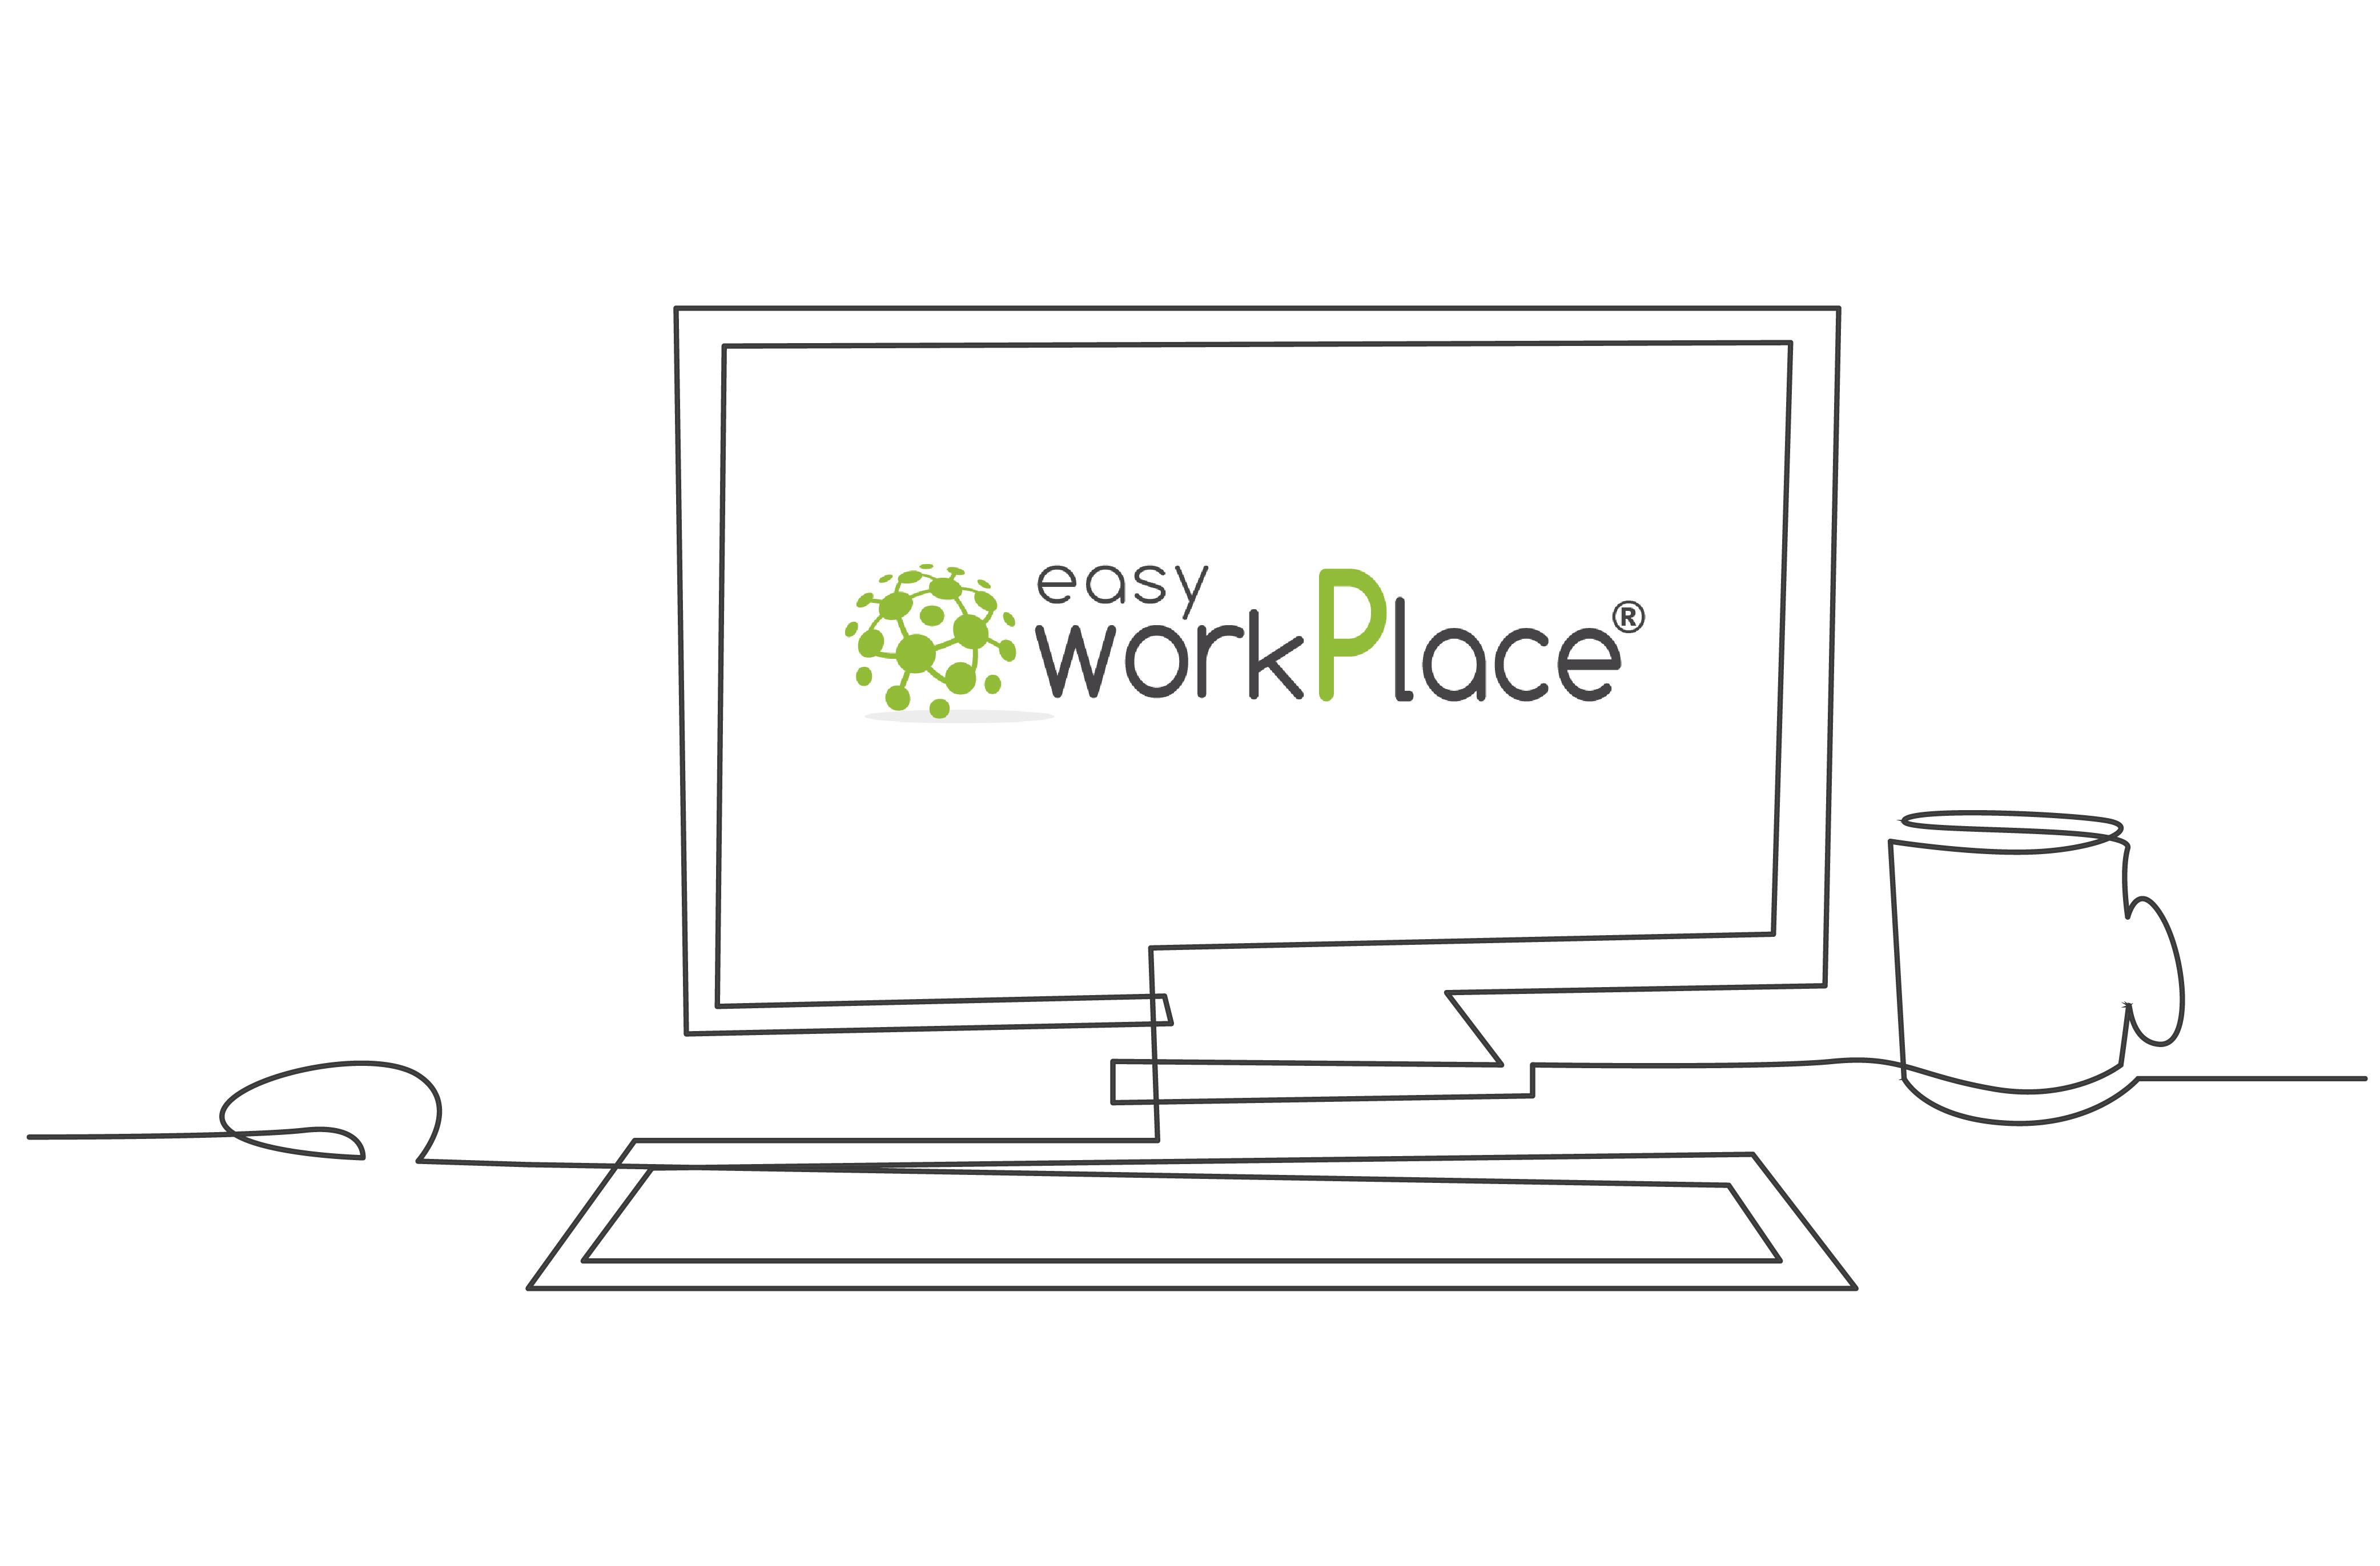 Gestiona eficaçment els llocs de treball de la teva empresa